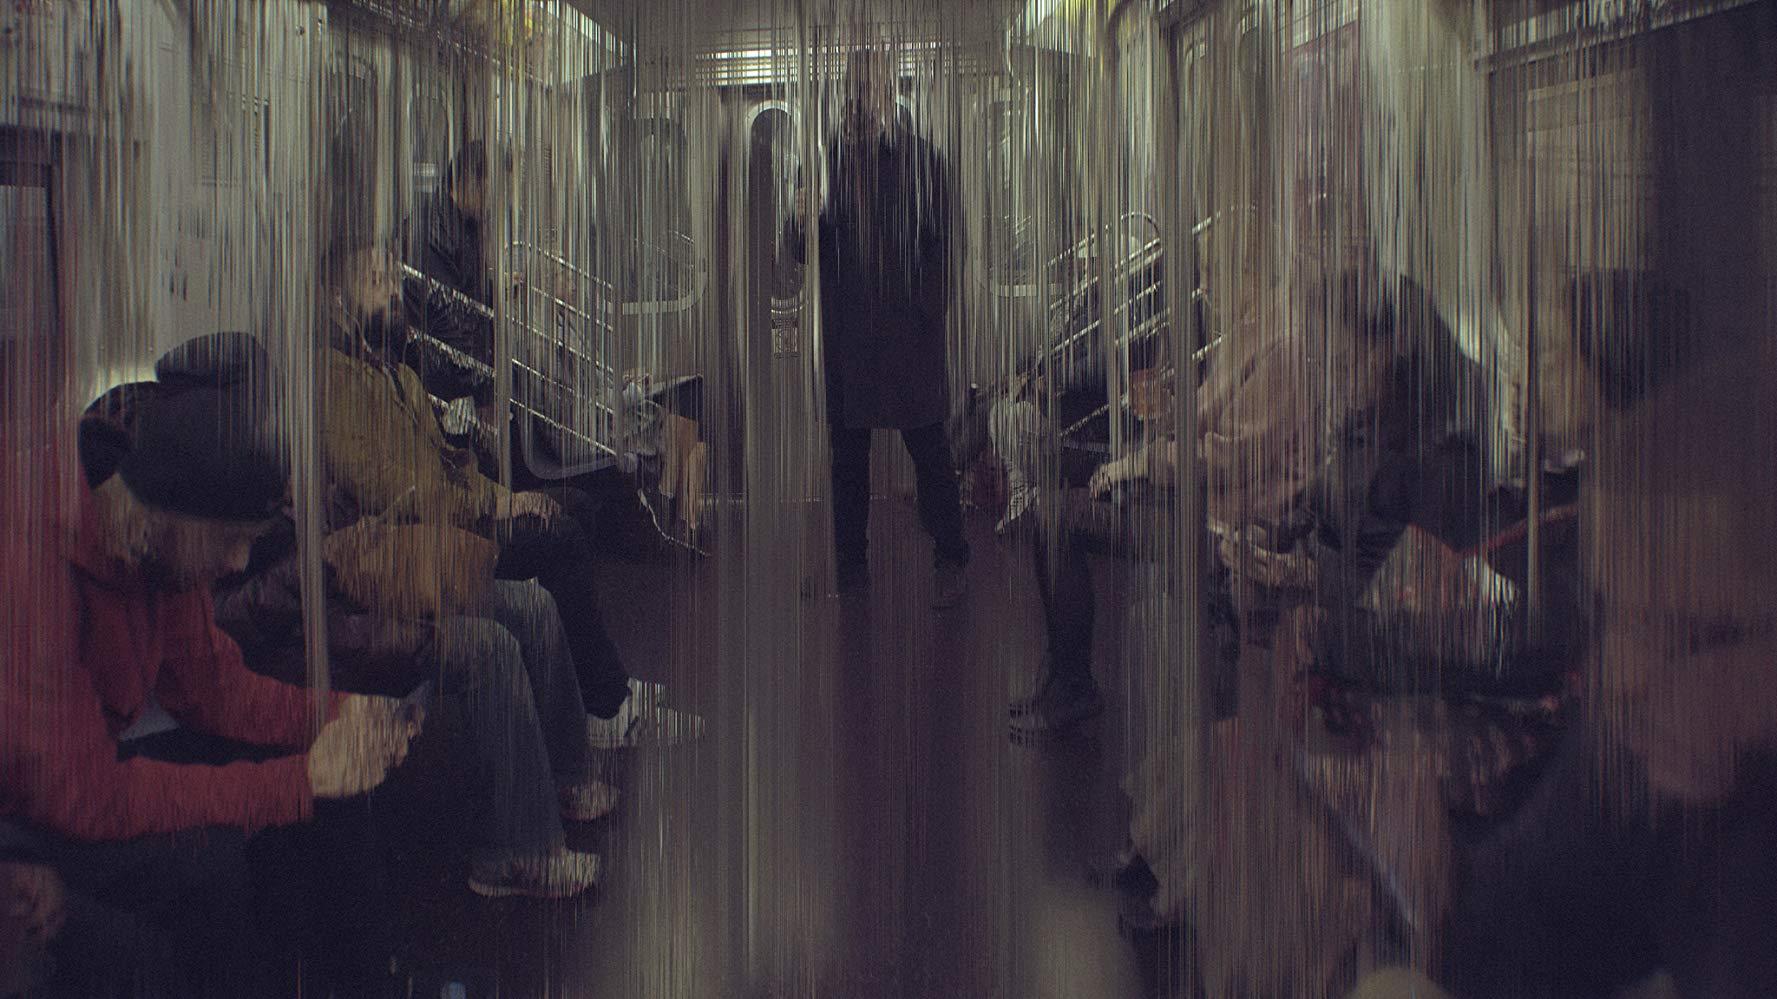 영화 거대한 해킹의 장면. 열차안의 남자가 보이고 화면은 일그러져있다.